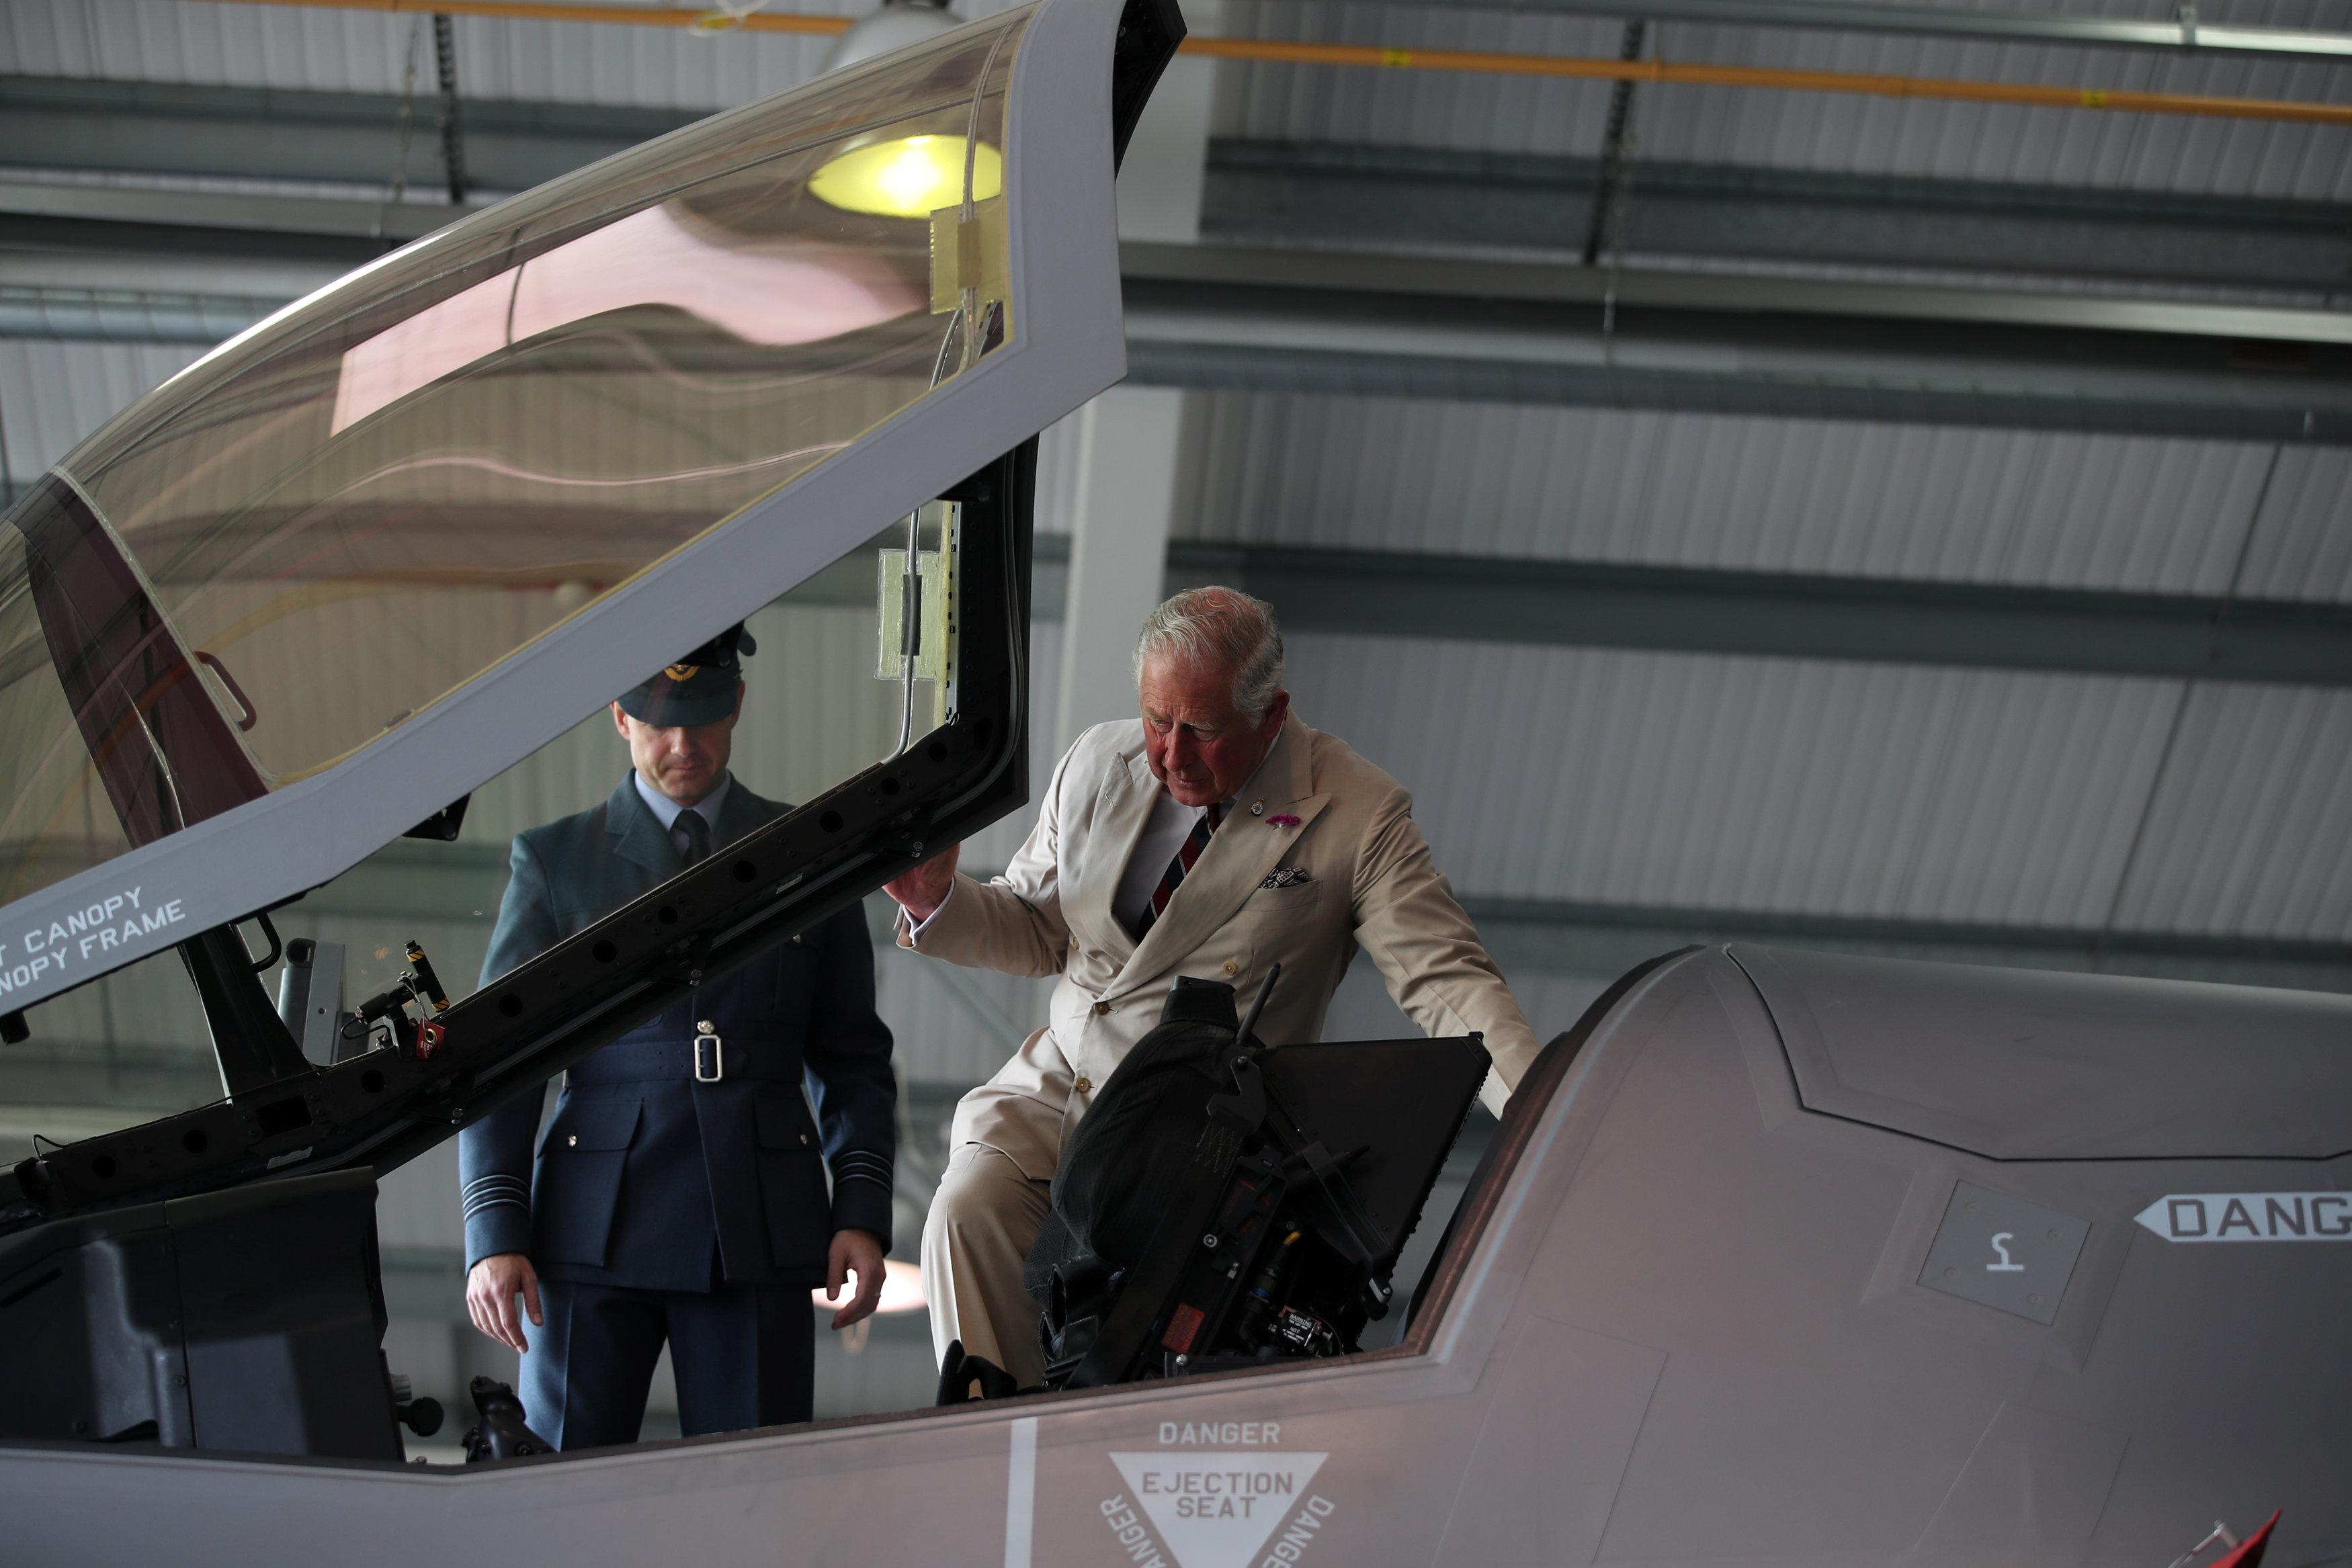 الأمير تشارلز يصعد للطائرة